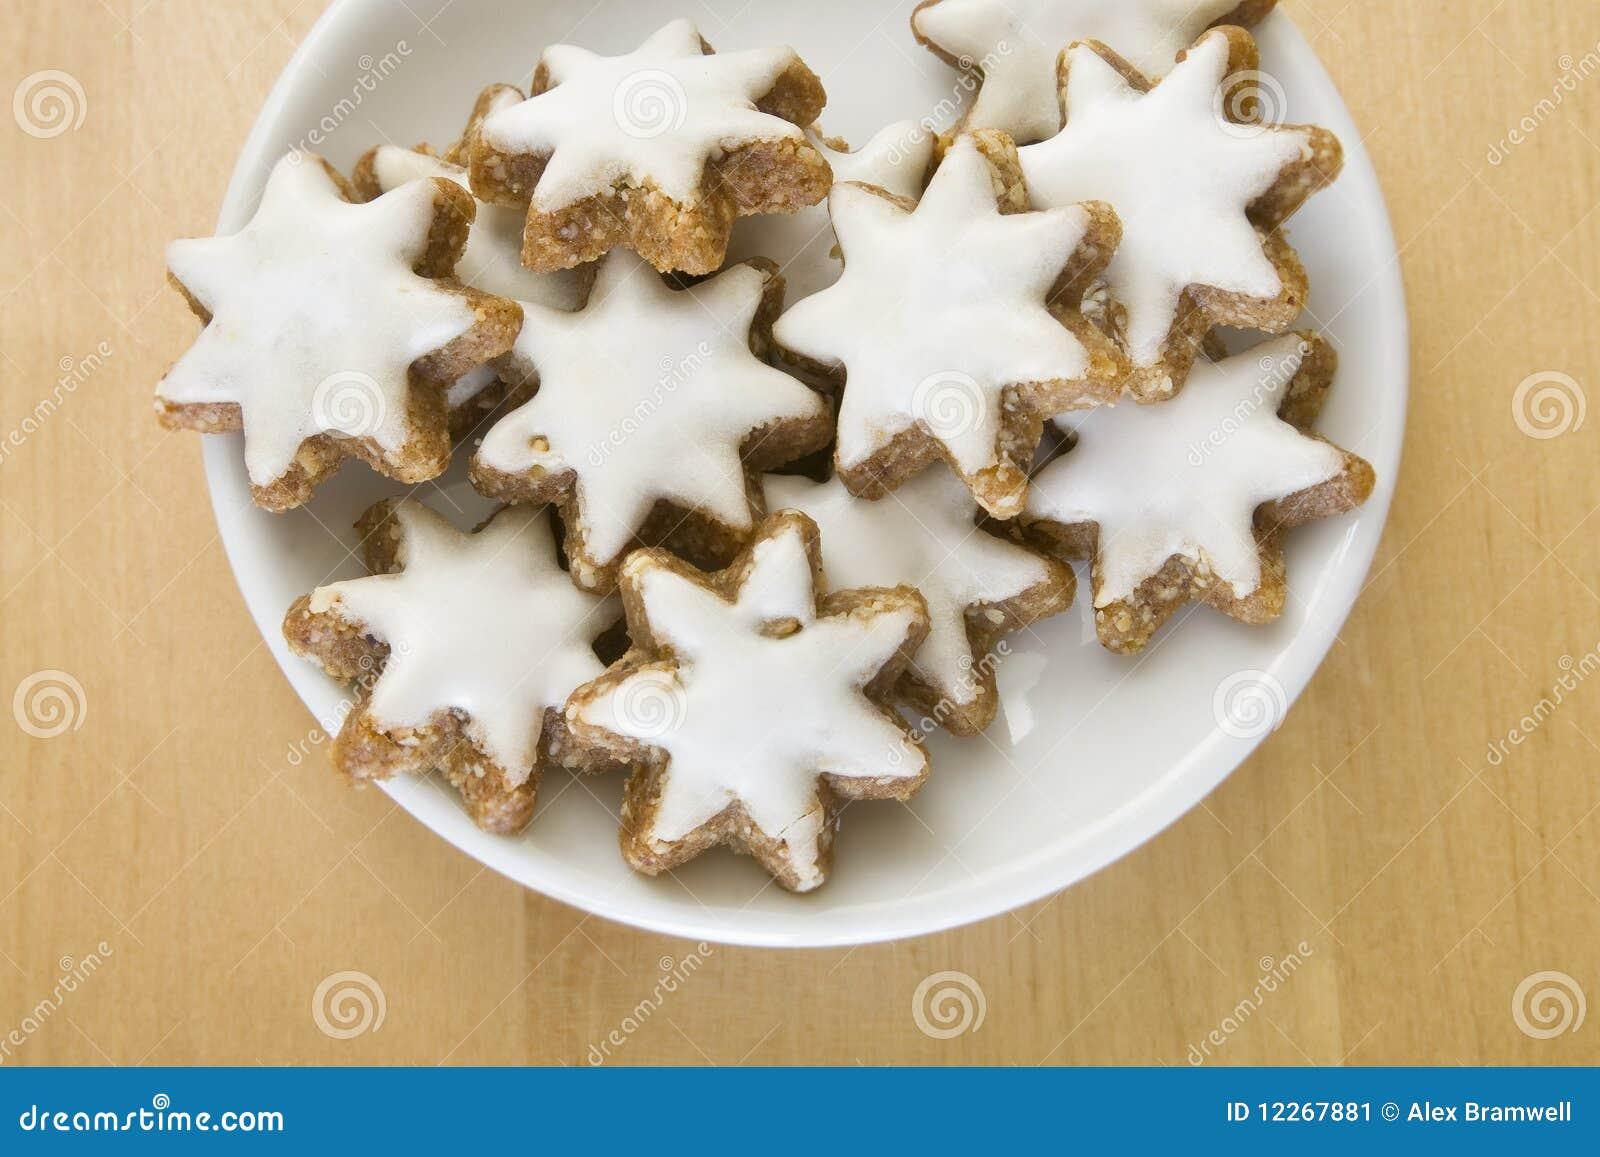 Weihnachtsplätzchen Schweiz.Zimtsterne Plätzchen Stockbild Bild Von Weihnachten 12267881